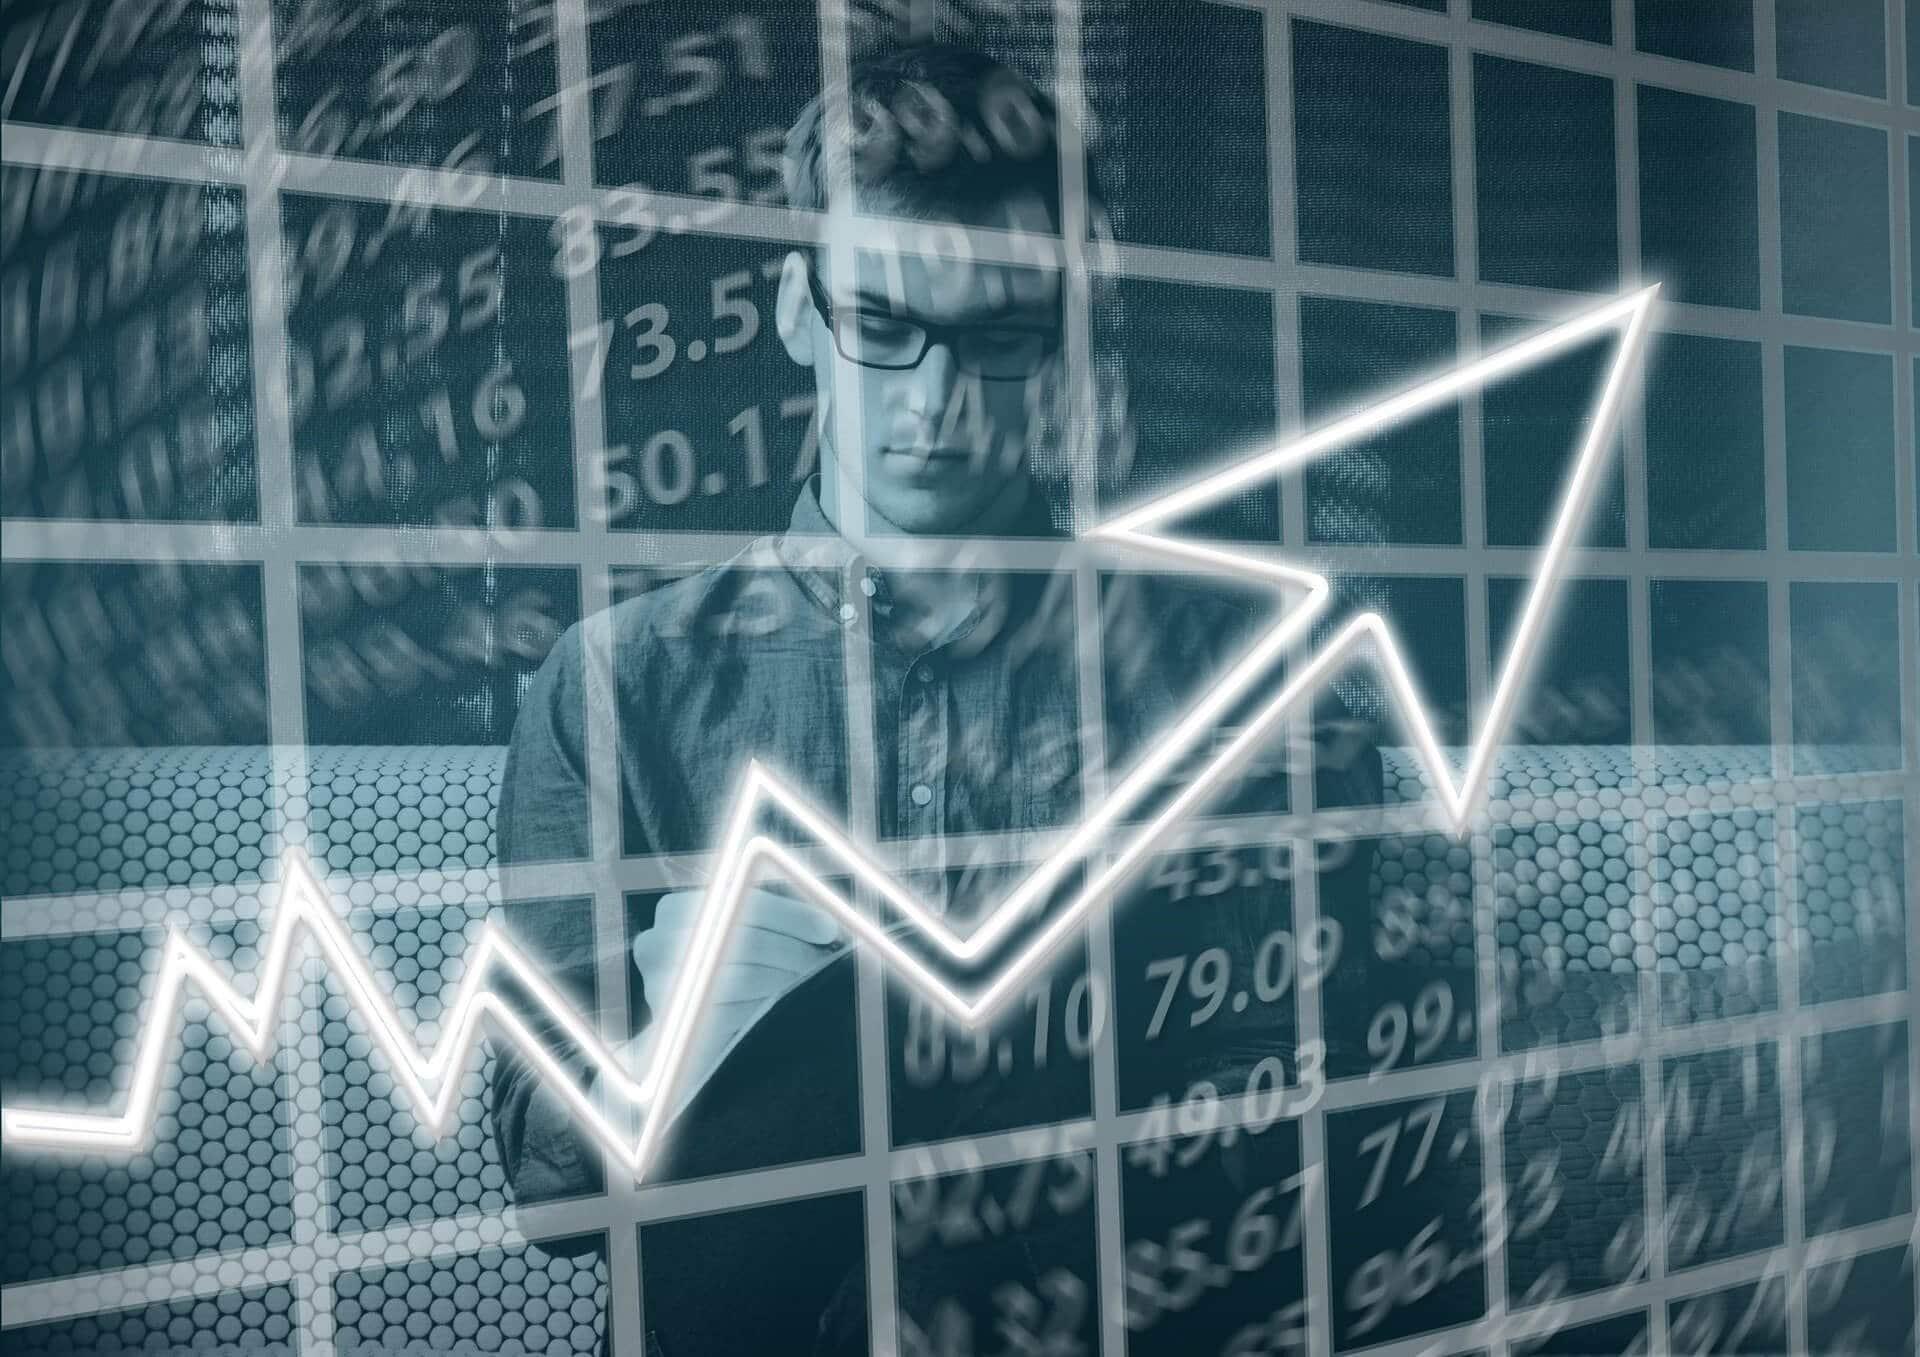 Jak zwiększyć sprzedaż w sklepie internetowym? Cross selling i potęga darmowej wysyłki